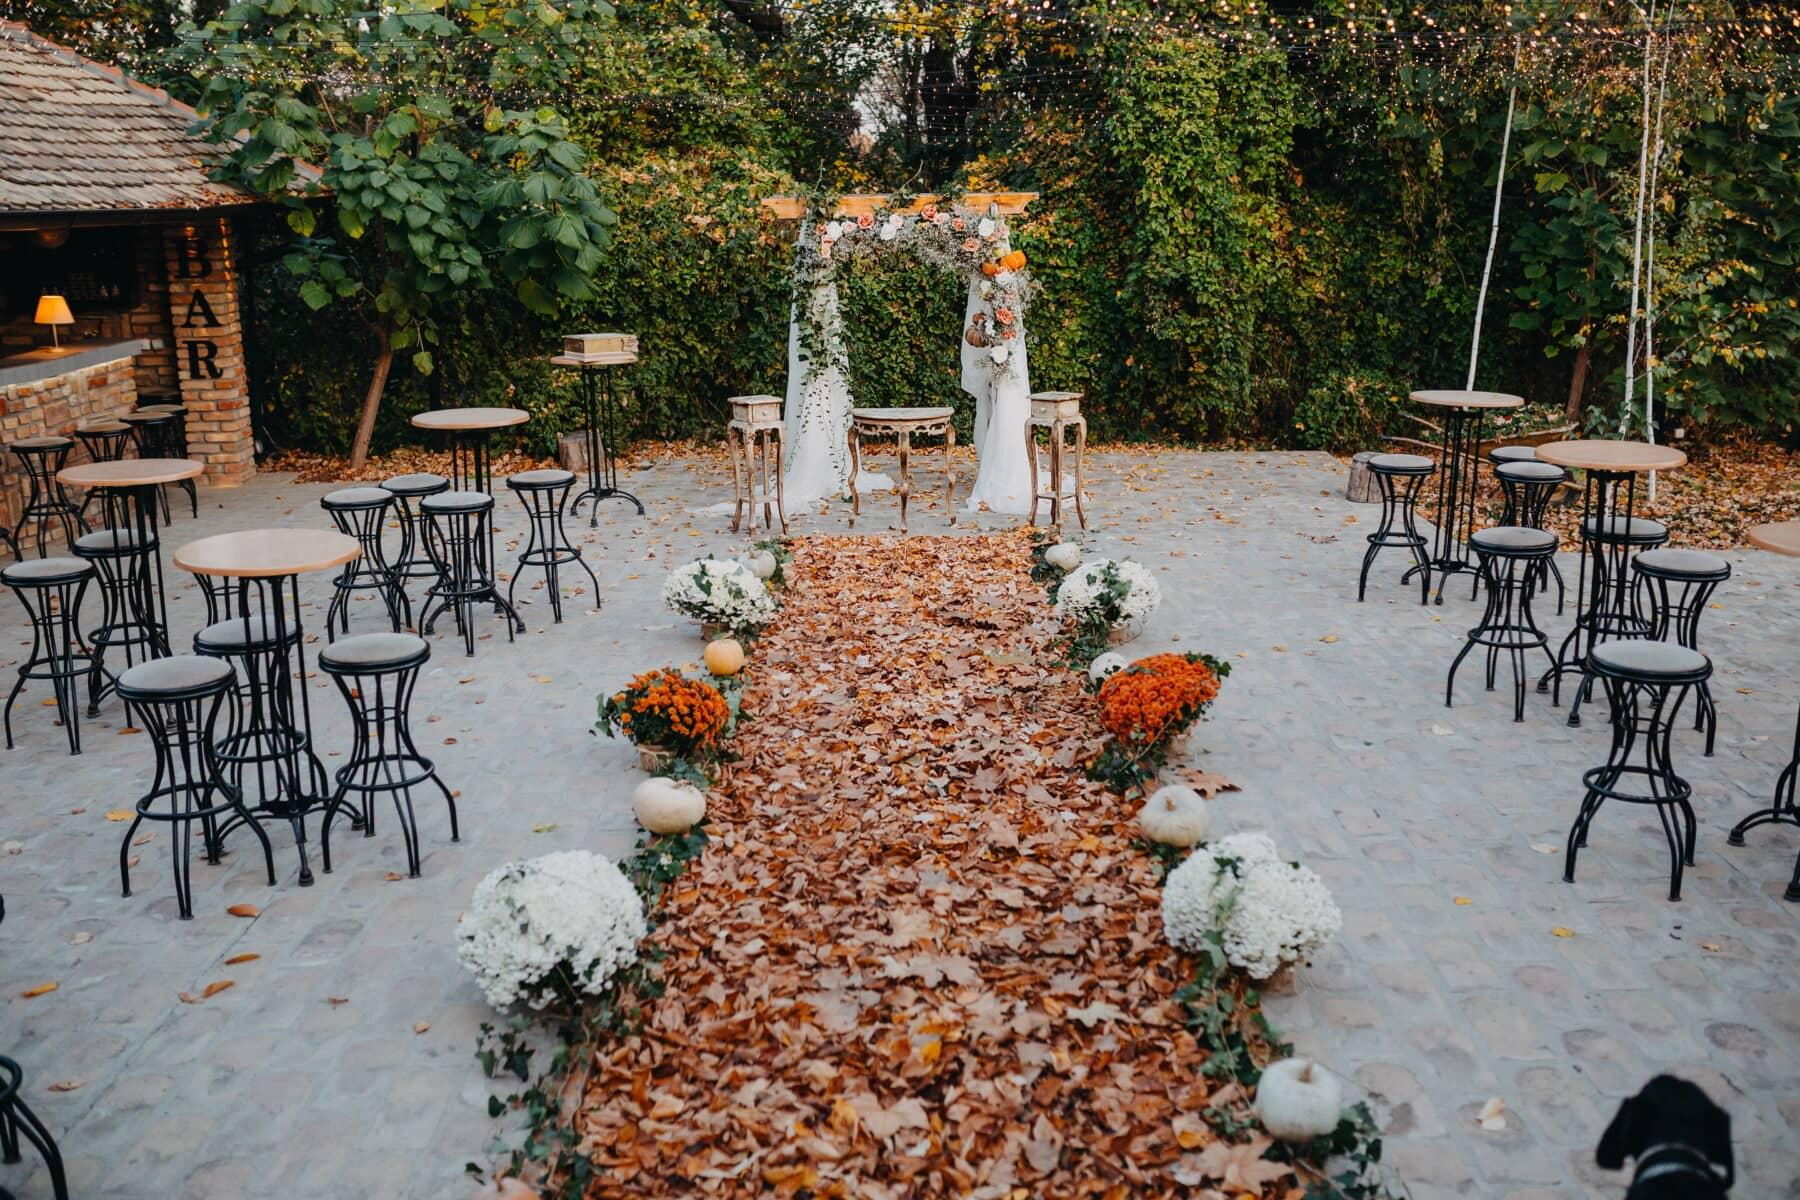 Hochzeitsort, Terrasse, Gehweg, Cafeteria, Herbst, Herbstsaison, elegant, Möbel, Struktur, Sitz